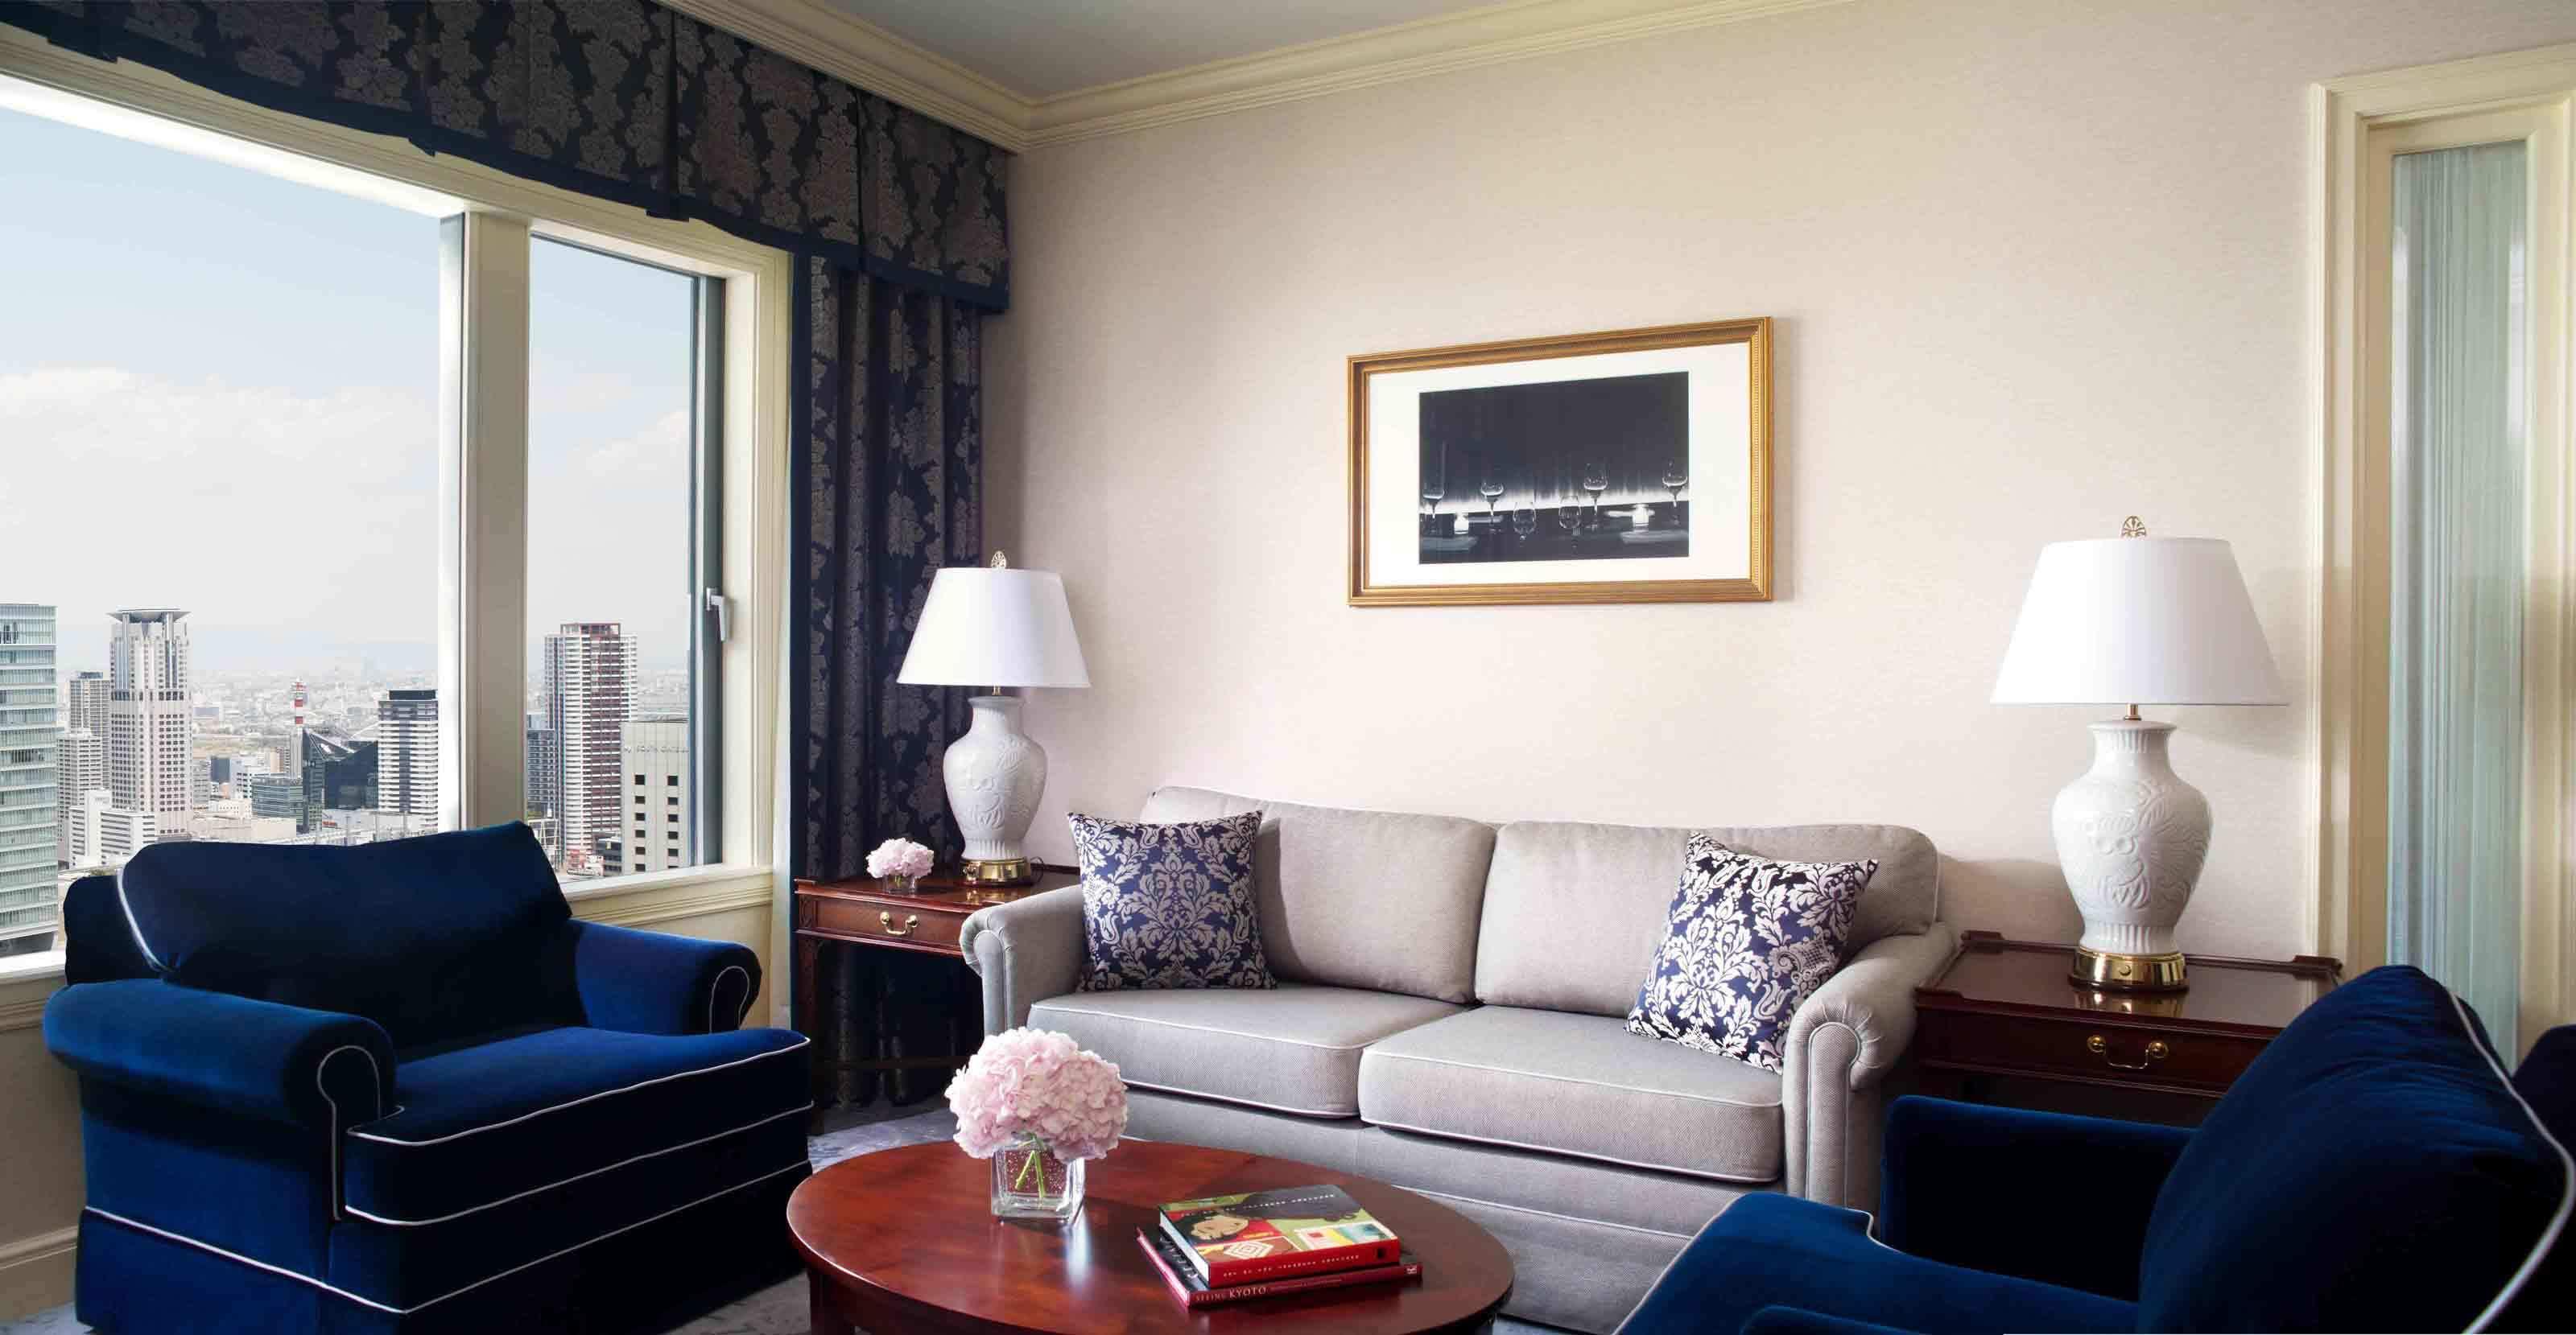 「ラ・プレリー」トリートメントを最高級スイートルームで!美と癒やしを叶える100万円宿泊プラン_1_5-2